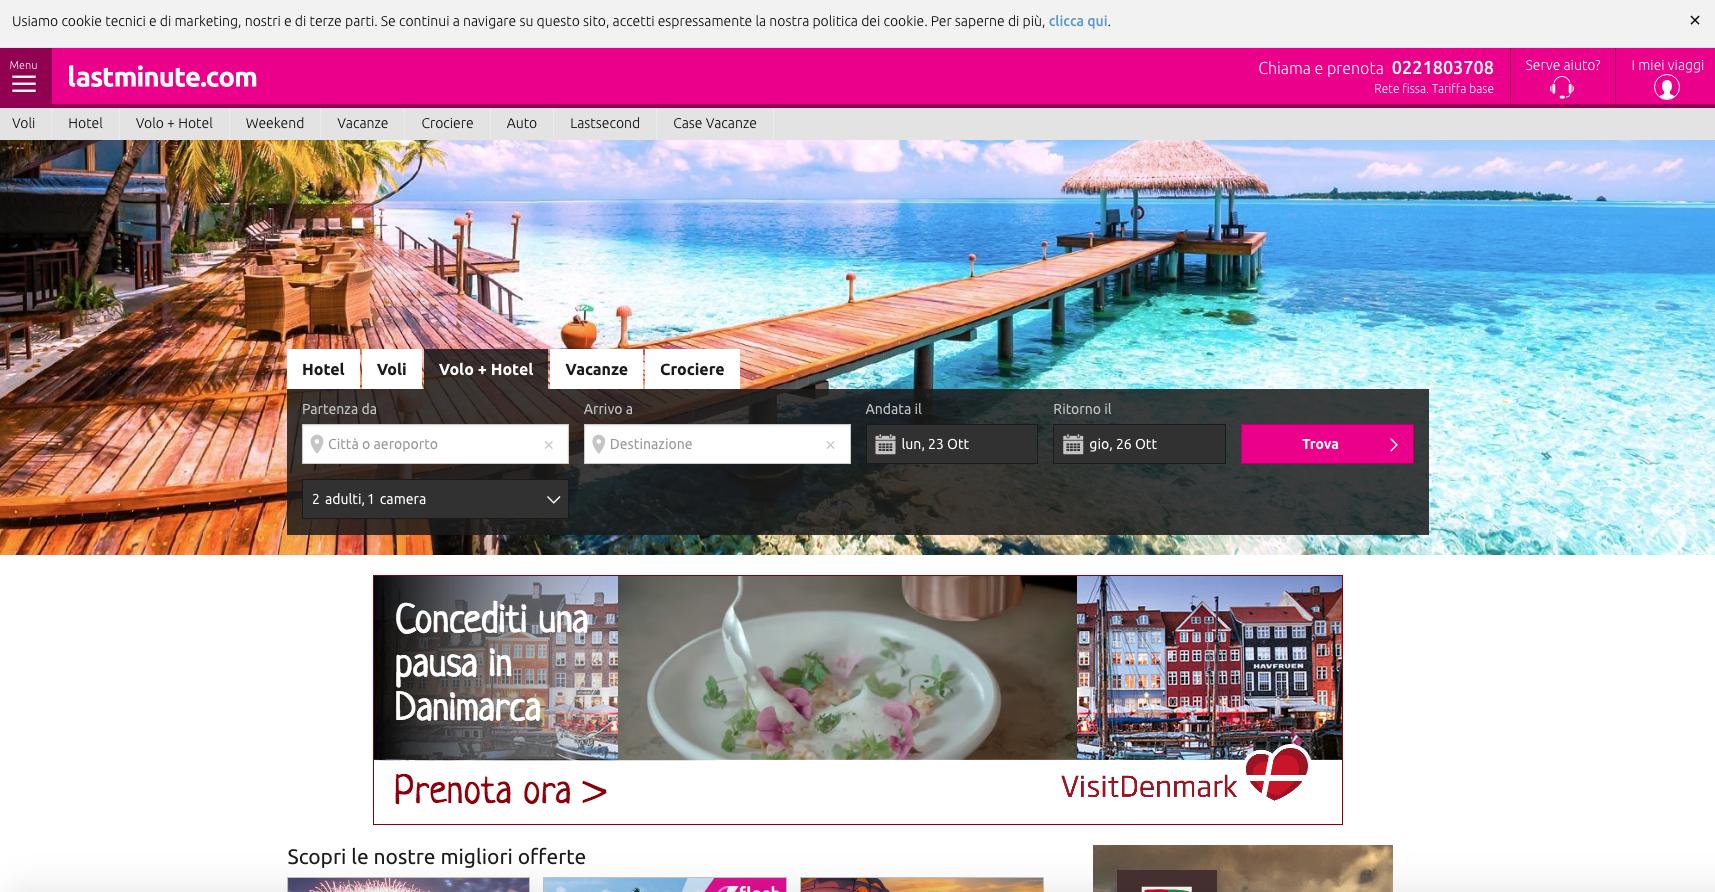 siti web di viaggi: lastminute